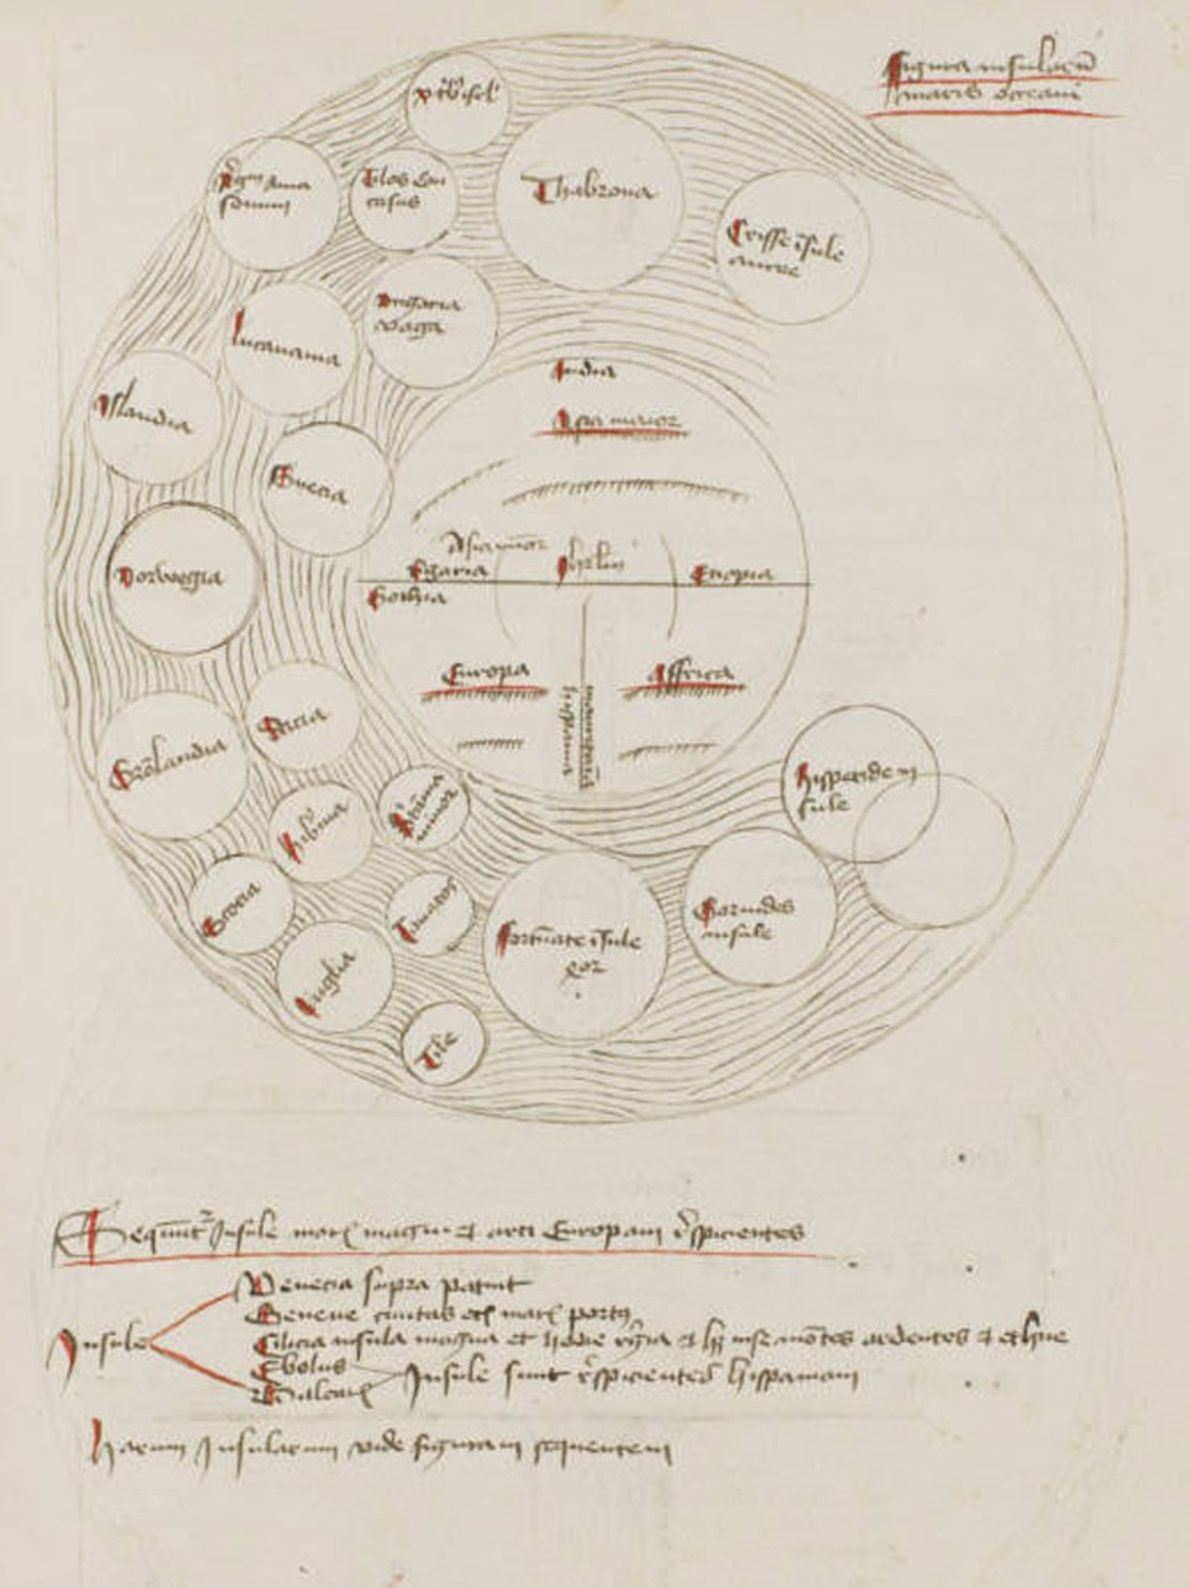 Les sections géographiques du manuscrit proposent une carte d'îles, un exemple précoce d'une carte thématique.